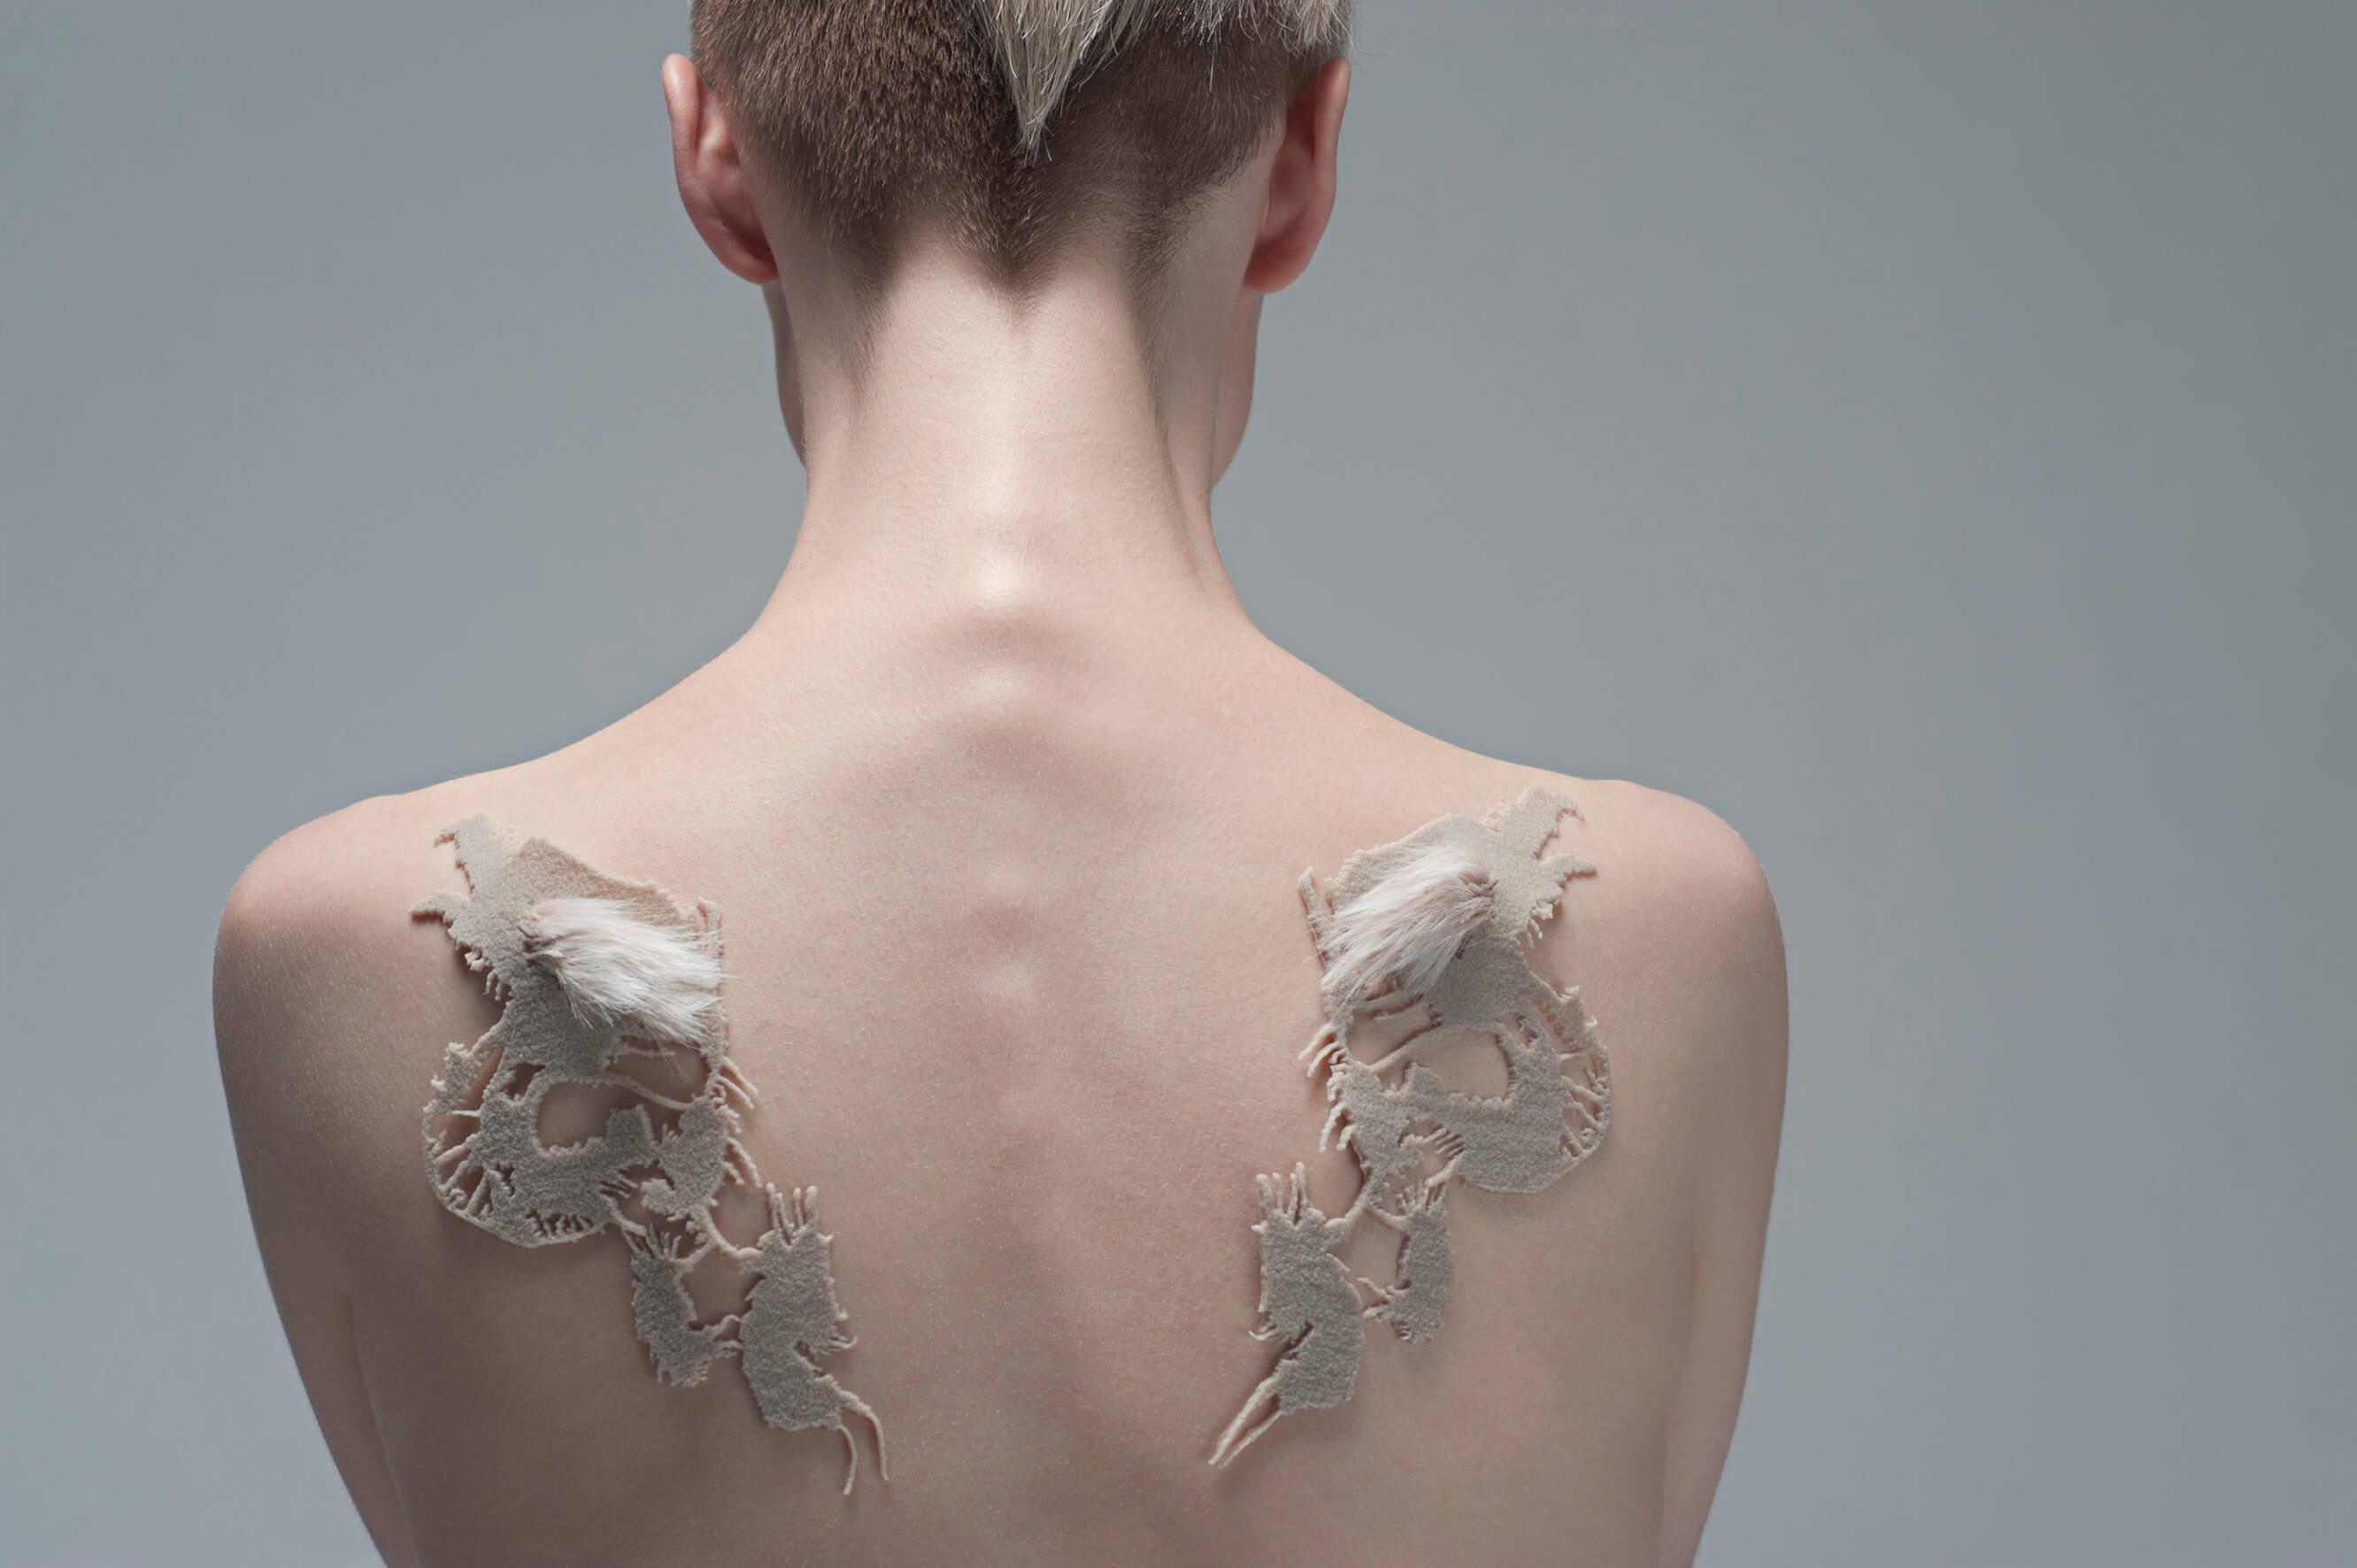 Tactile Art by Andreea Mandrescu